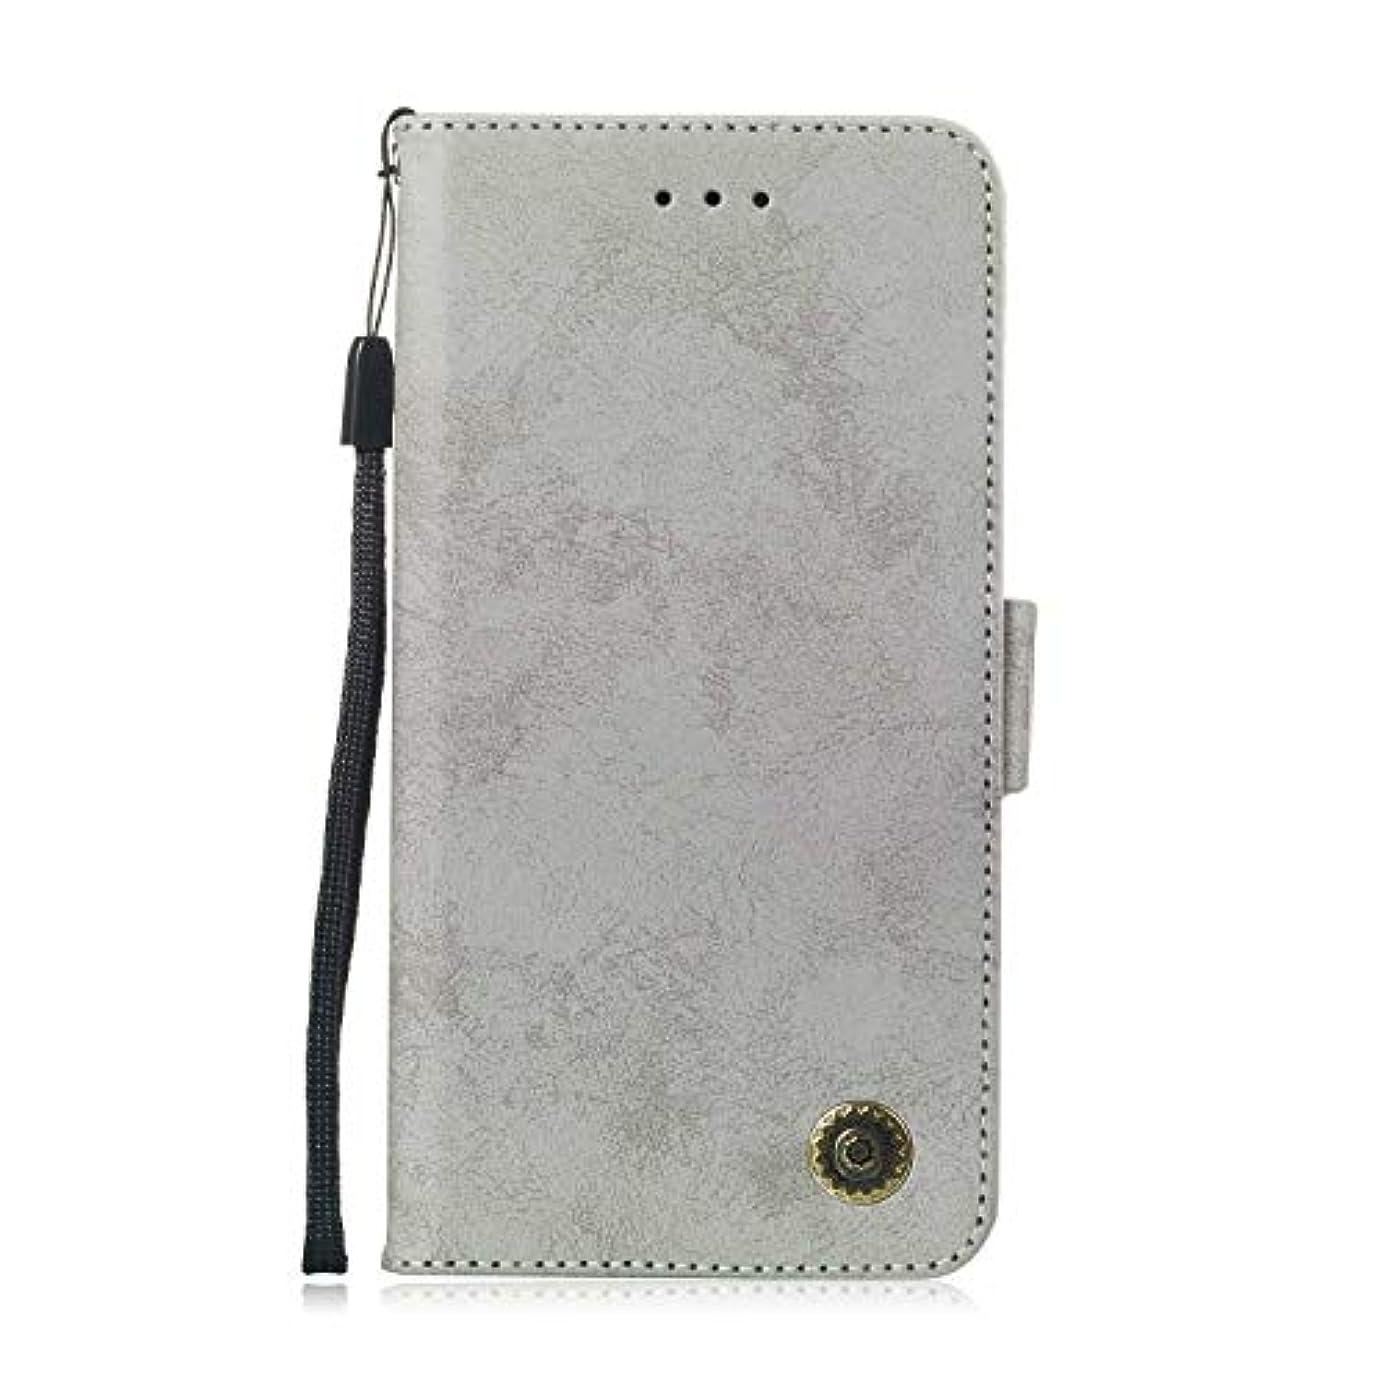 お互い予言するマークダウンZeebox® Huawei Mate 20 Lite 手帳型ケース Huawei Mate 20 Lite 手帳型カバー 財布型 合皮PUレザー マグネット式 保護ケース カード収納 スタンド 機能 (グレー #5)